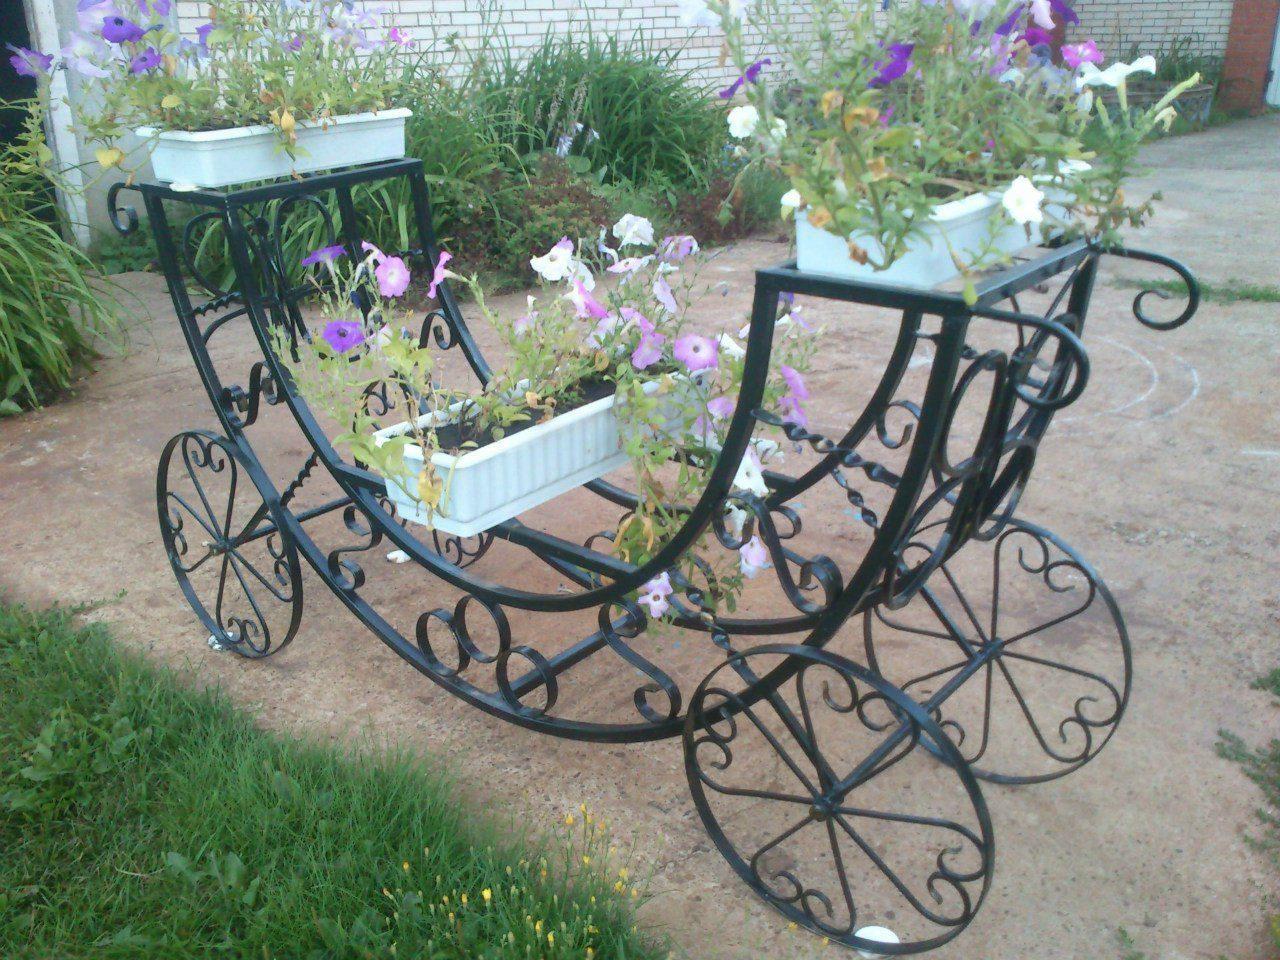 сути, кованые садовые цветочницы фото популярны только